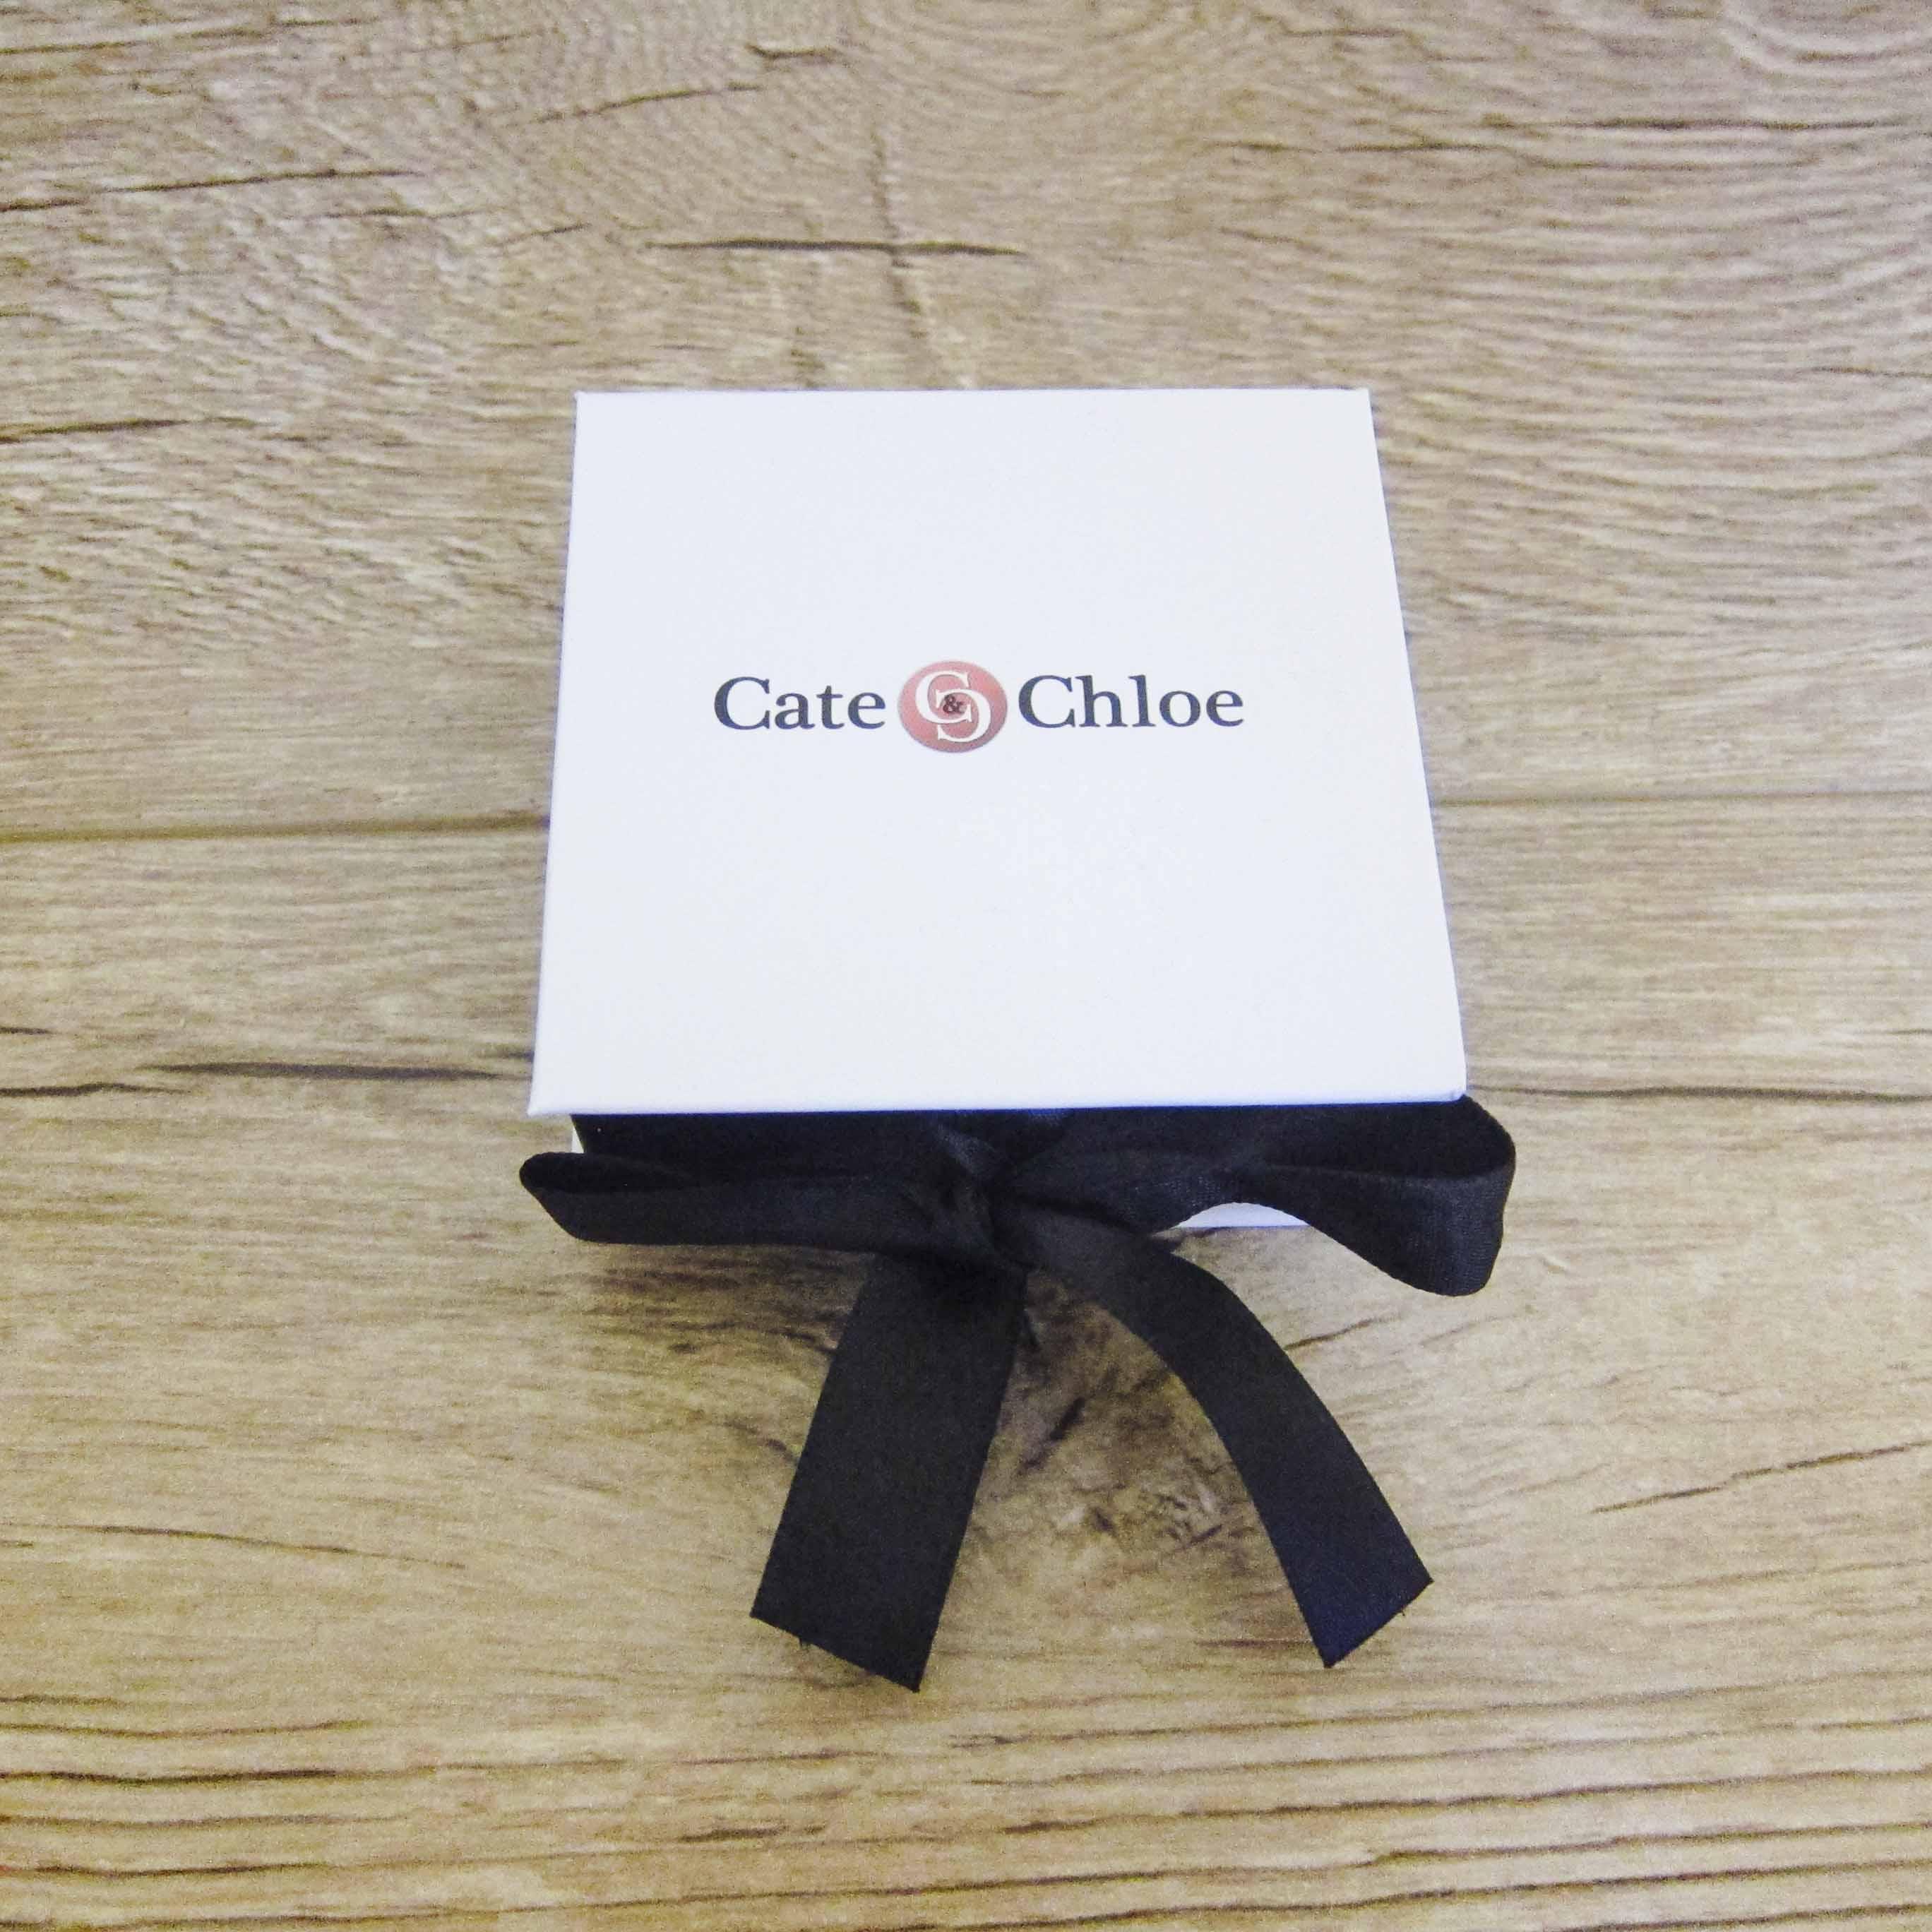 Cate & Chloe VIP July 2016 Jewelry Box